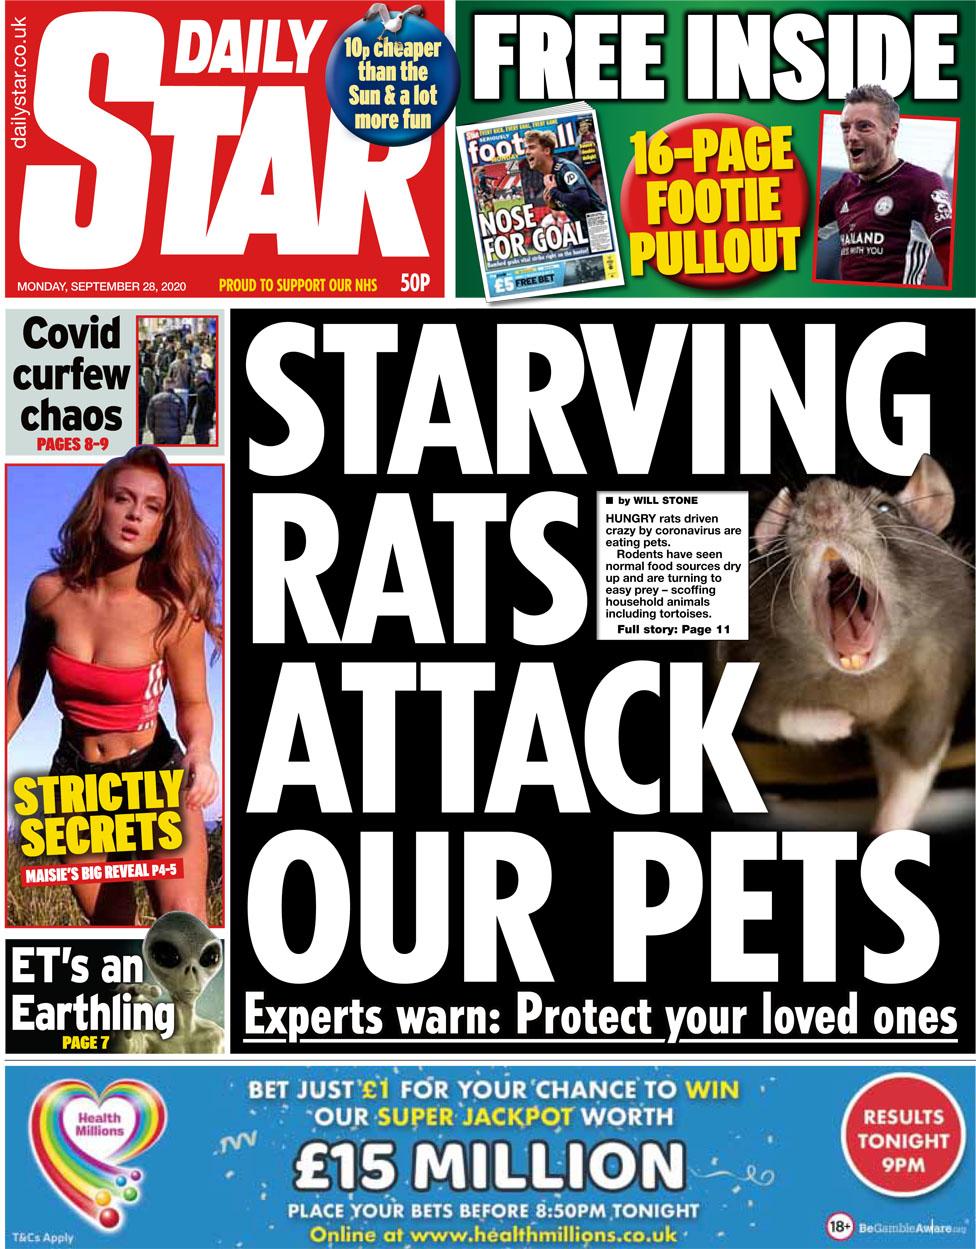 Daily Star 28 September